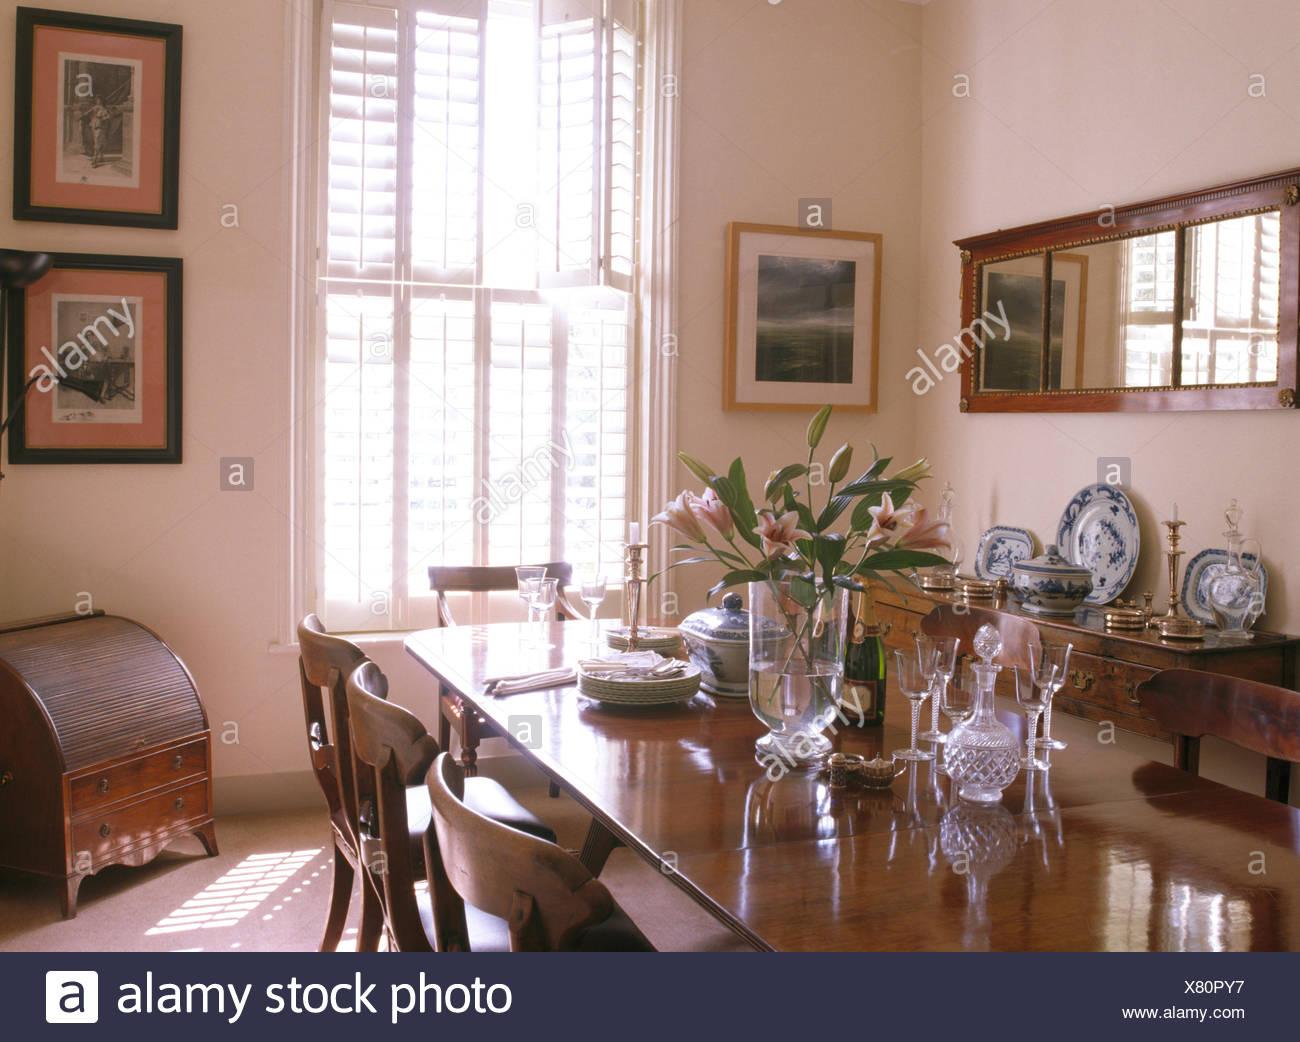 Merveilleux Verrerie De Table Dans La Salle à Manger Traditionnelle Avec Des  Obturateurs De Plantation Sur La Fenêtre